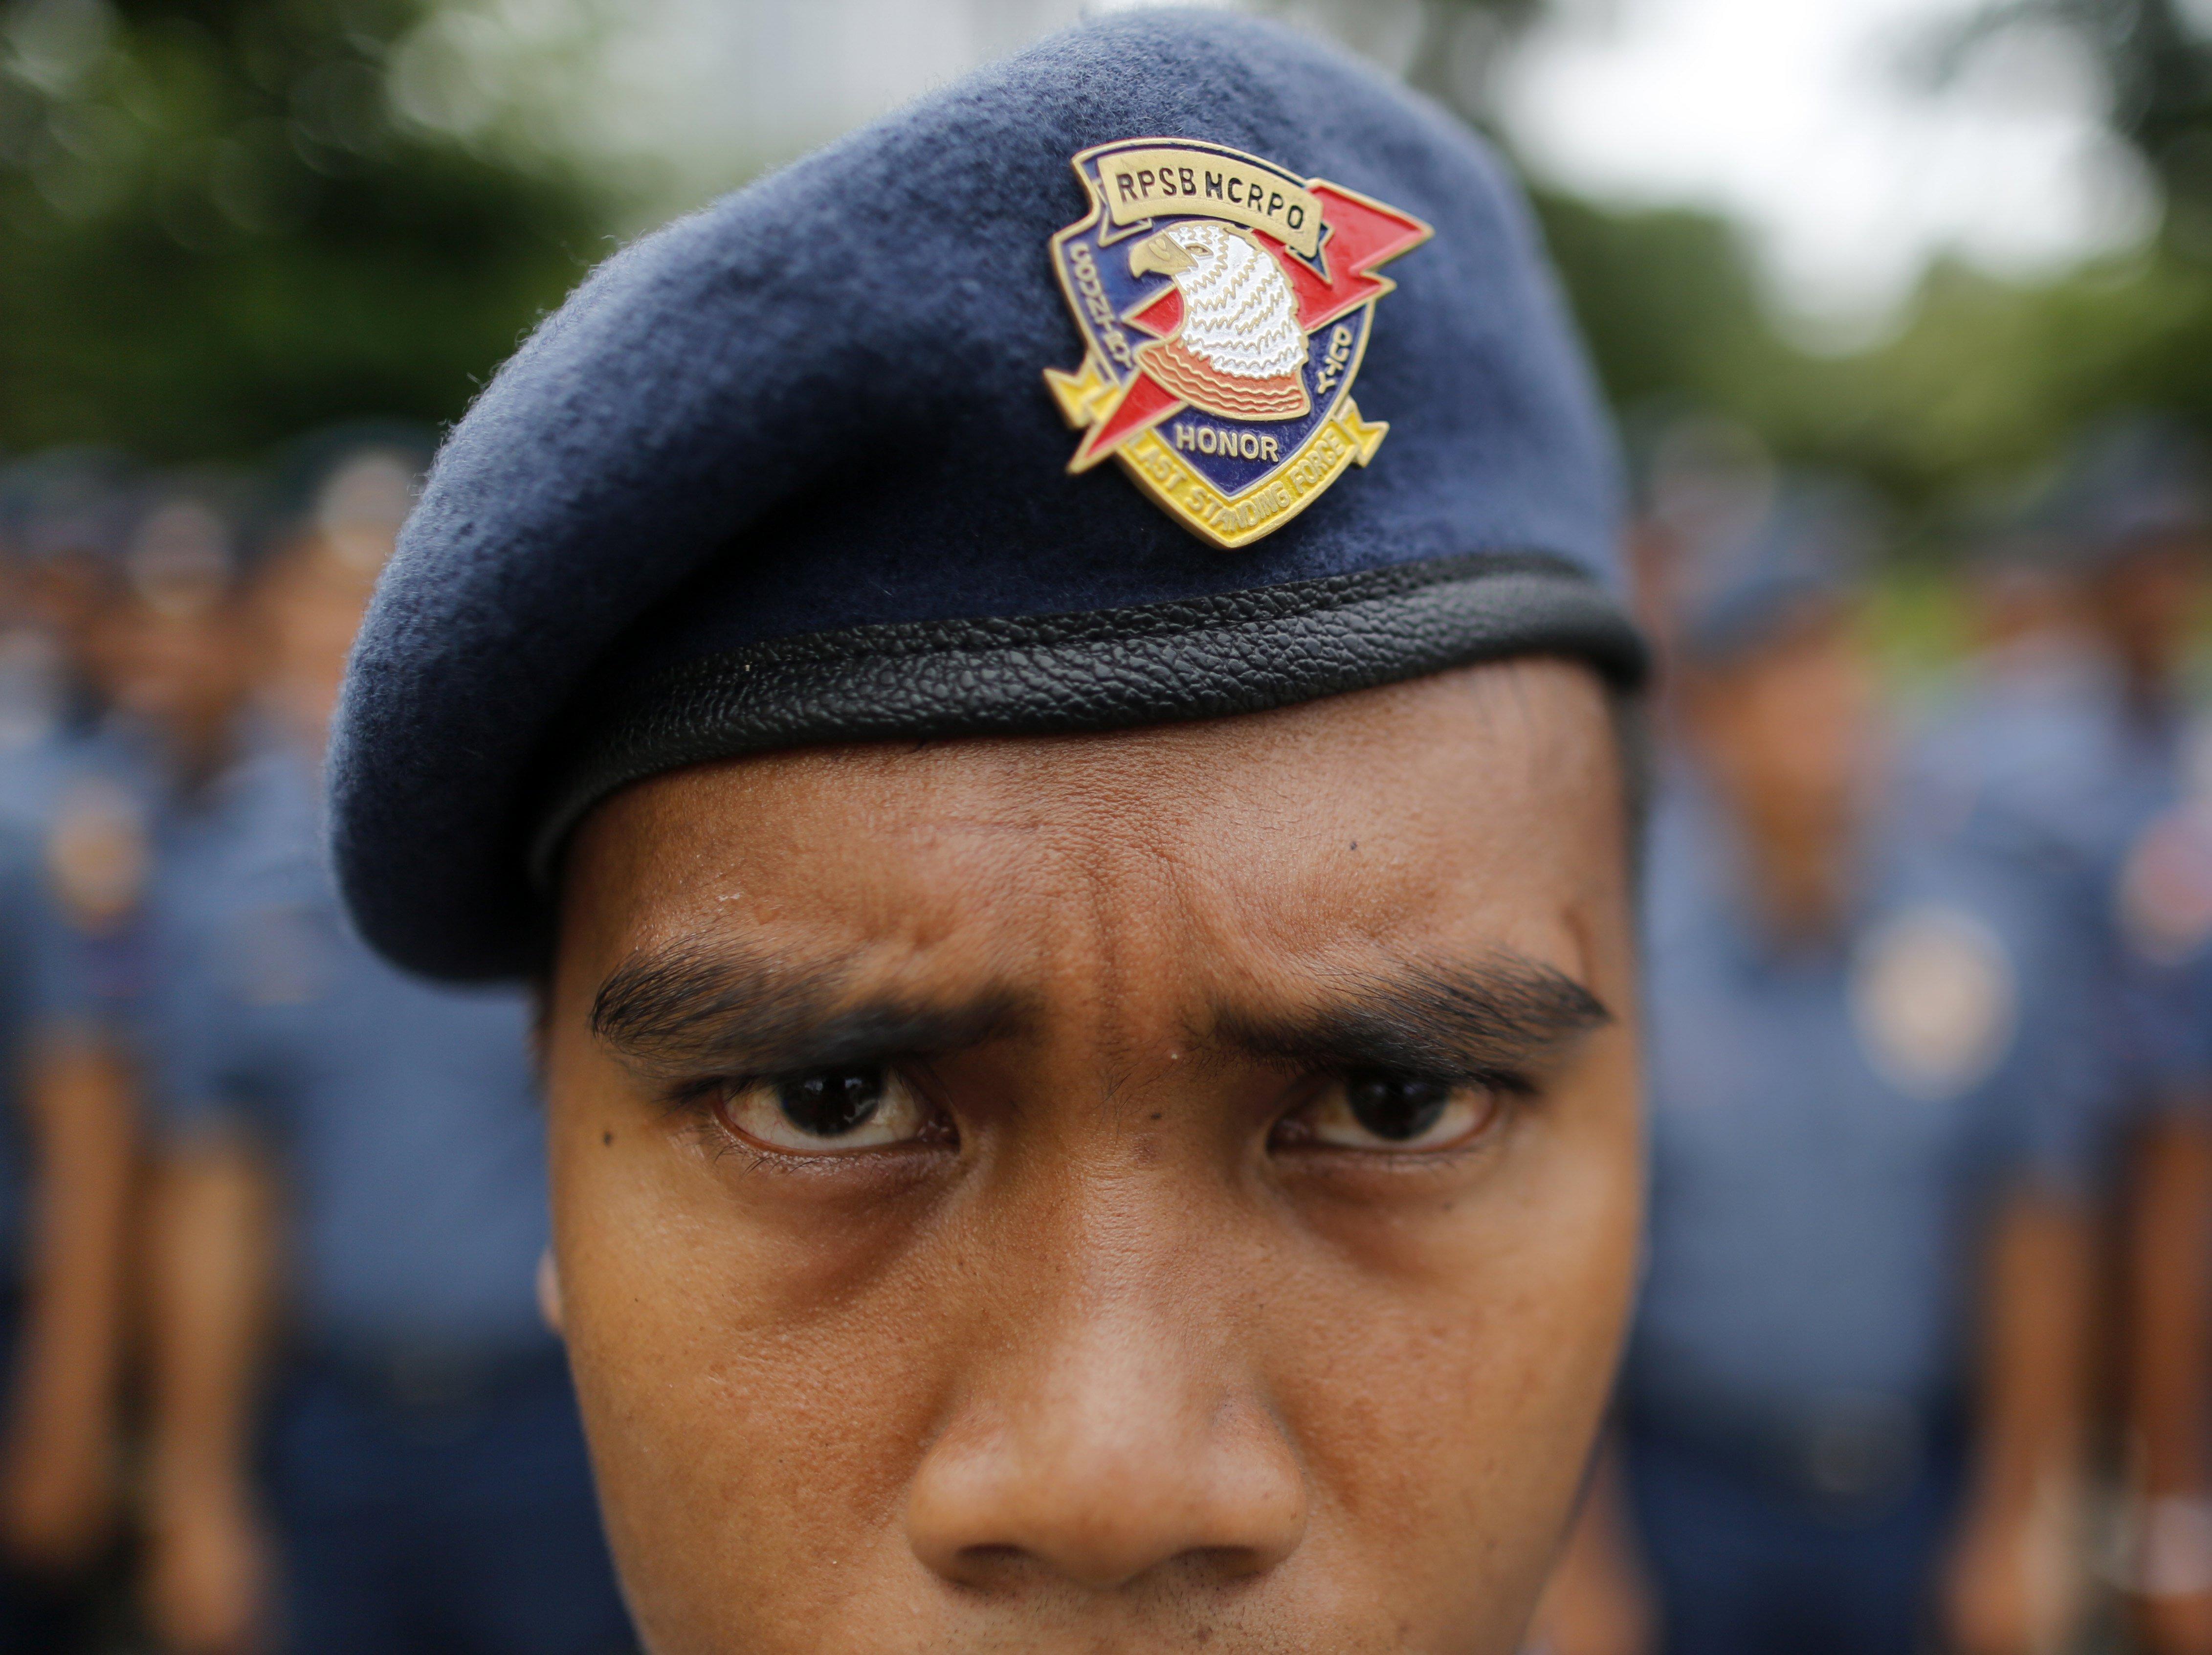 Un policia antidisturbis fa guàrdia en el lloc on es duu a terme la reunió de ministres d'Exteriors de l'Endrecen (AMM) a Filipines. /FRANCIS R. MALASIG